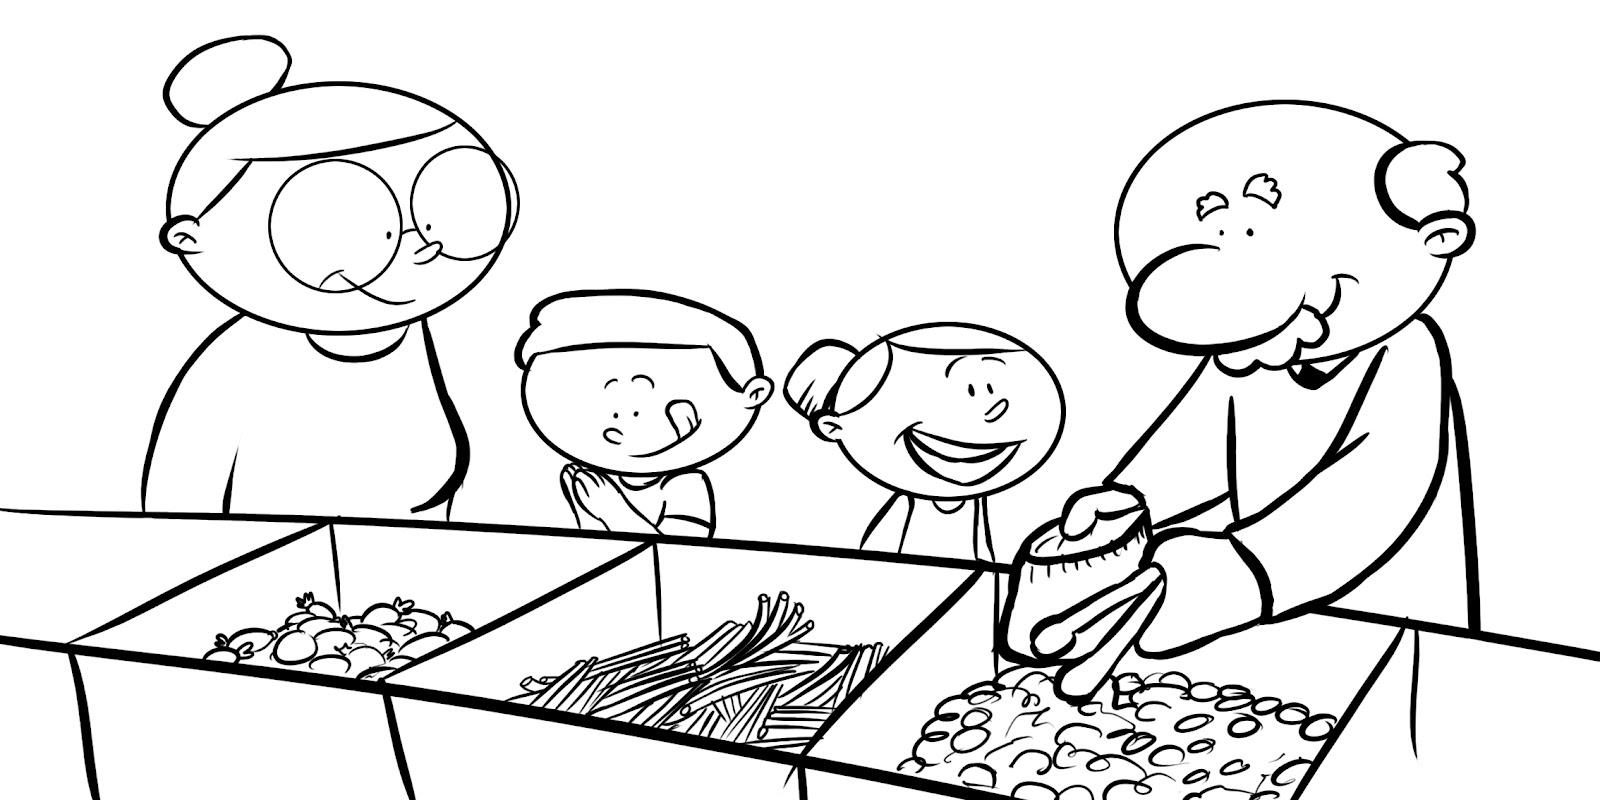 Día del abuelo en dibujos para colorear - Imagui